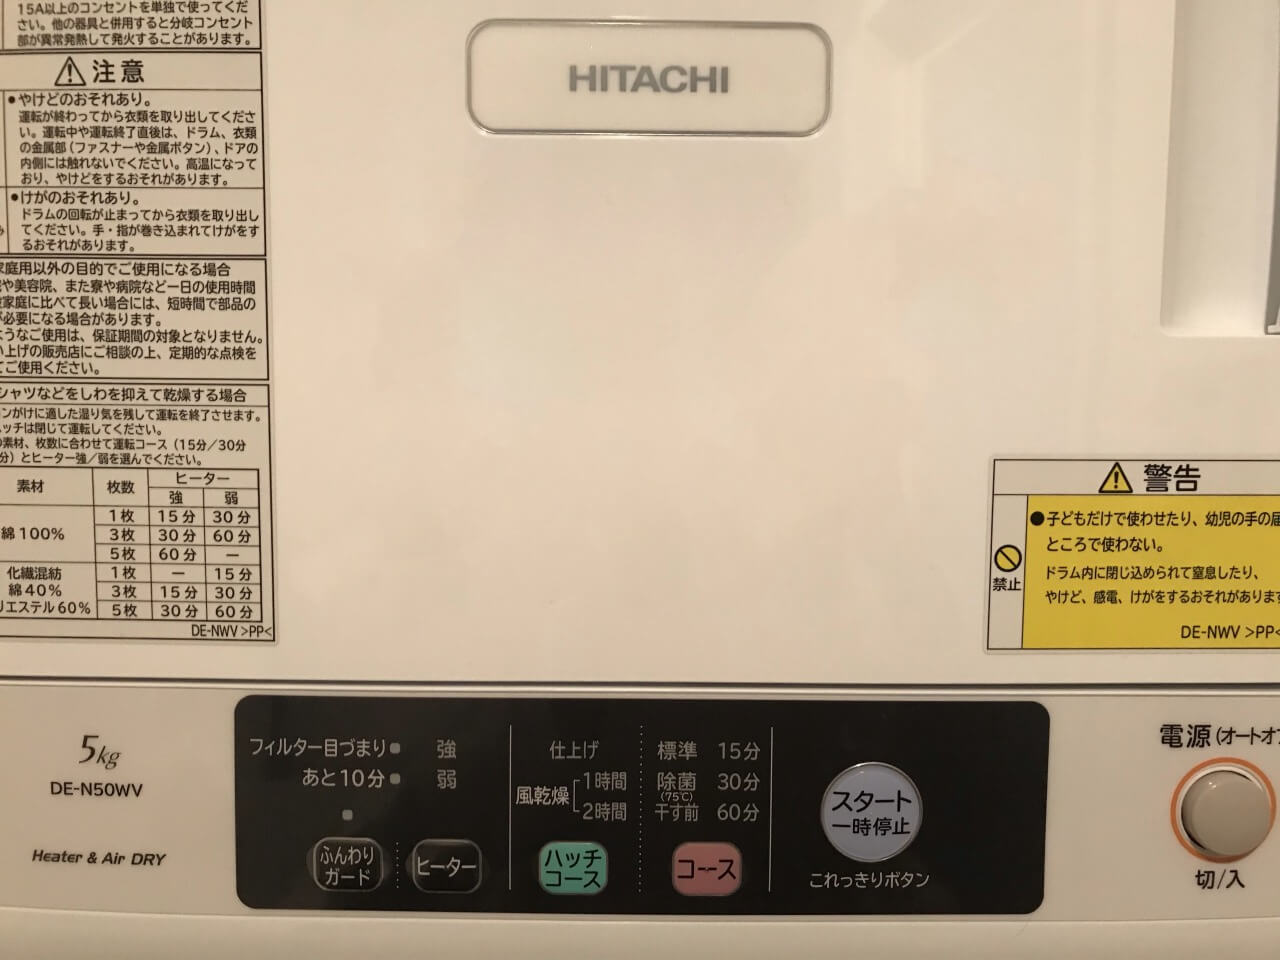 日立の衣類乾燥機